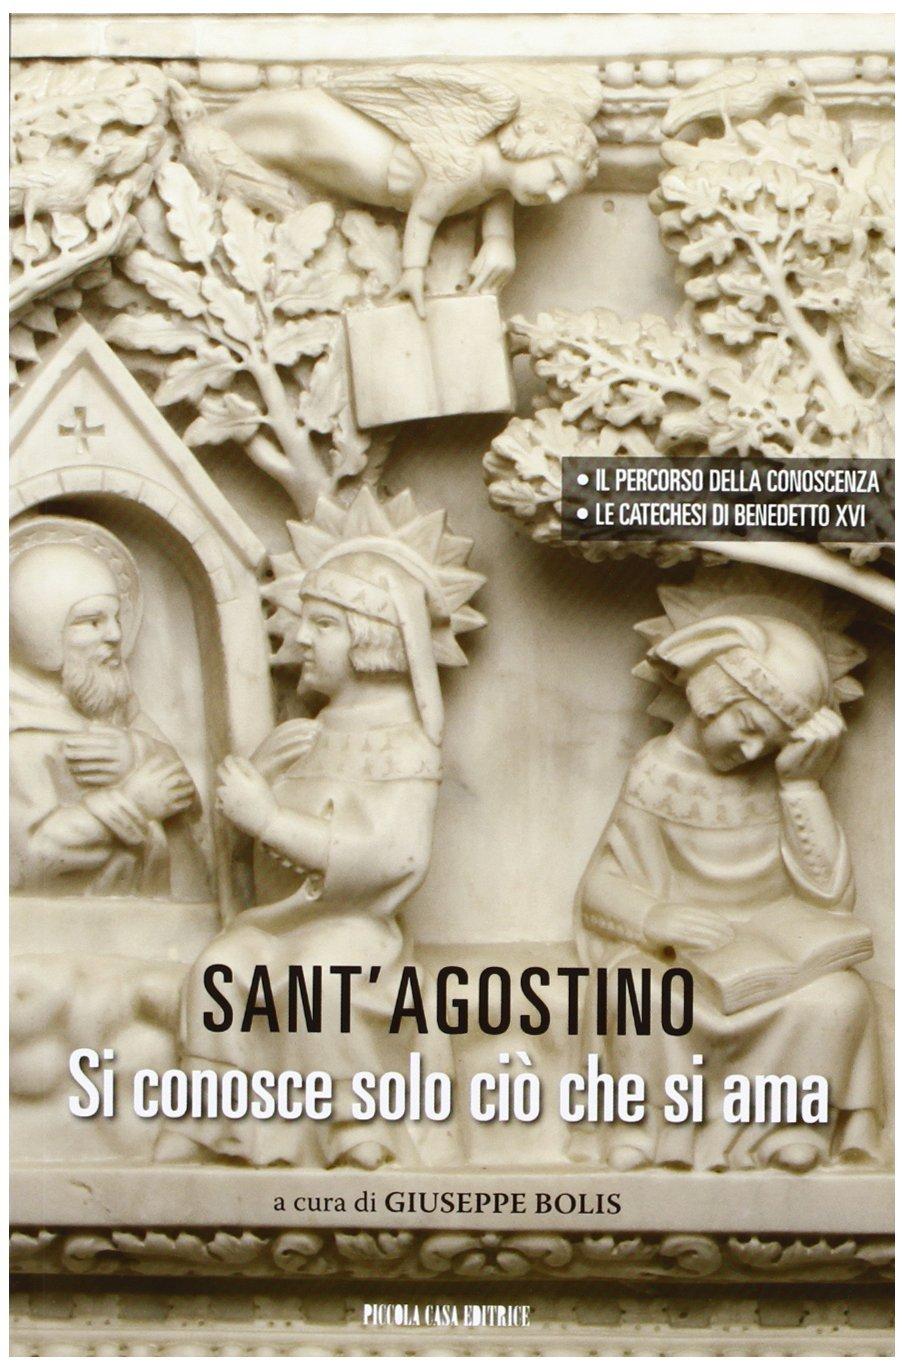 Sant'Agostino: si conosce solo ciò che si ama, vol. 1